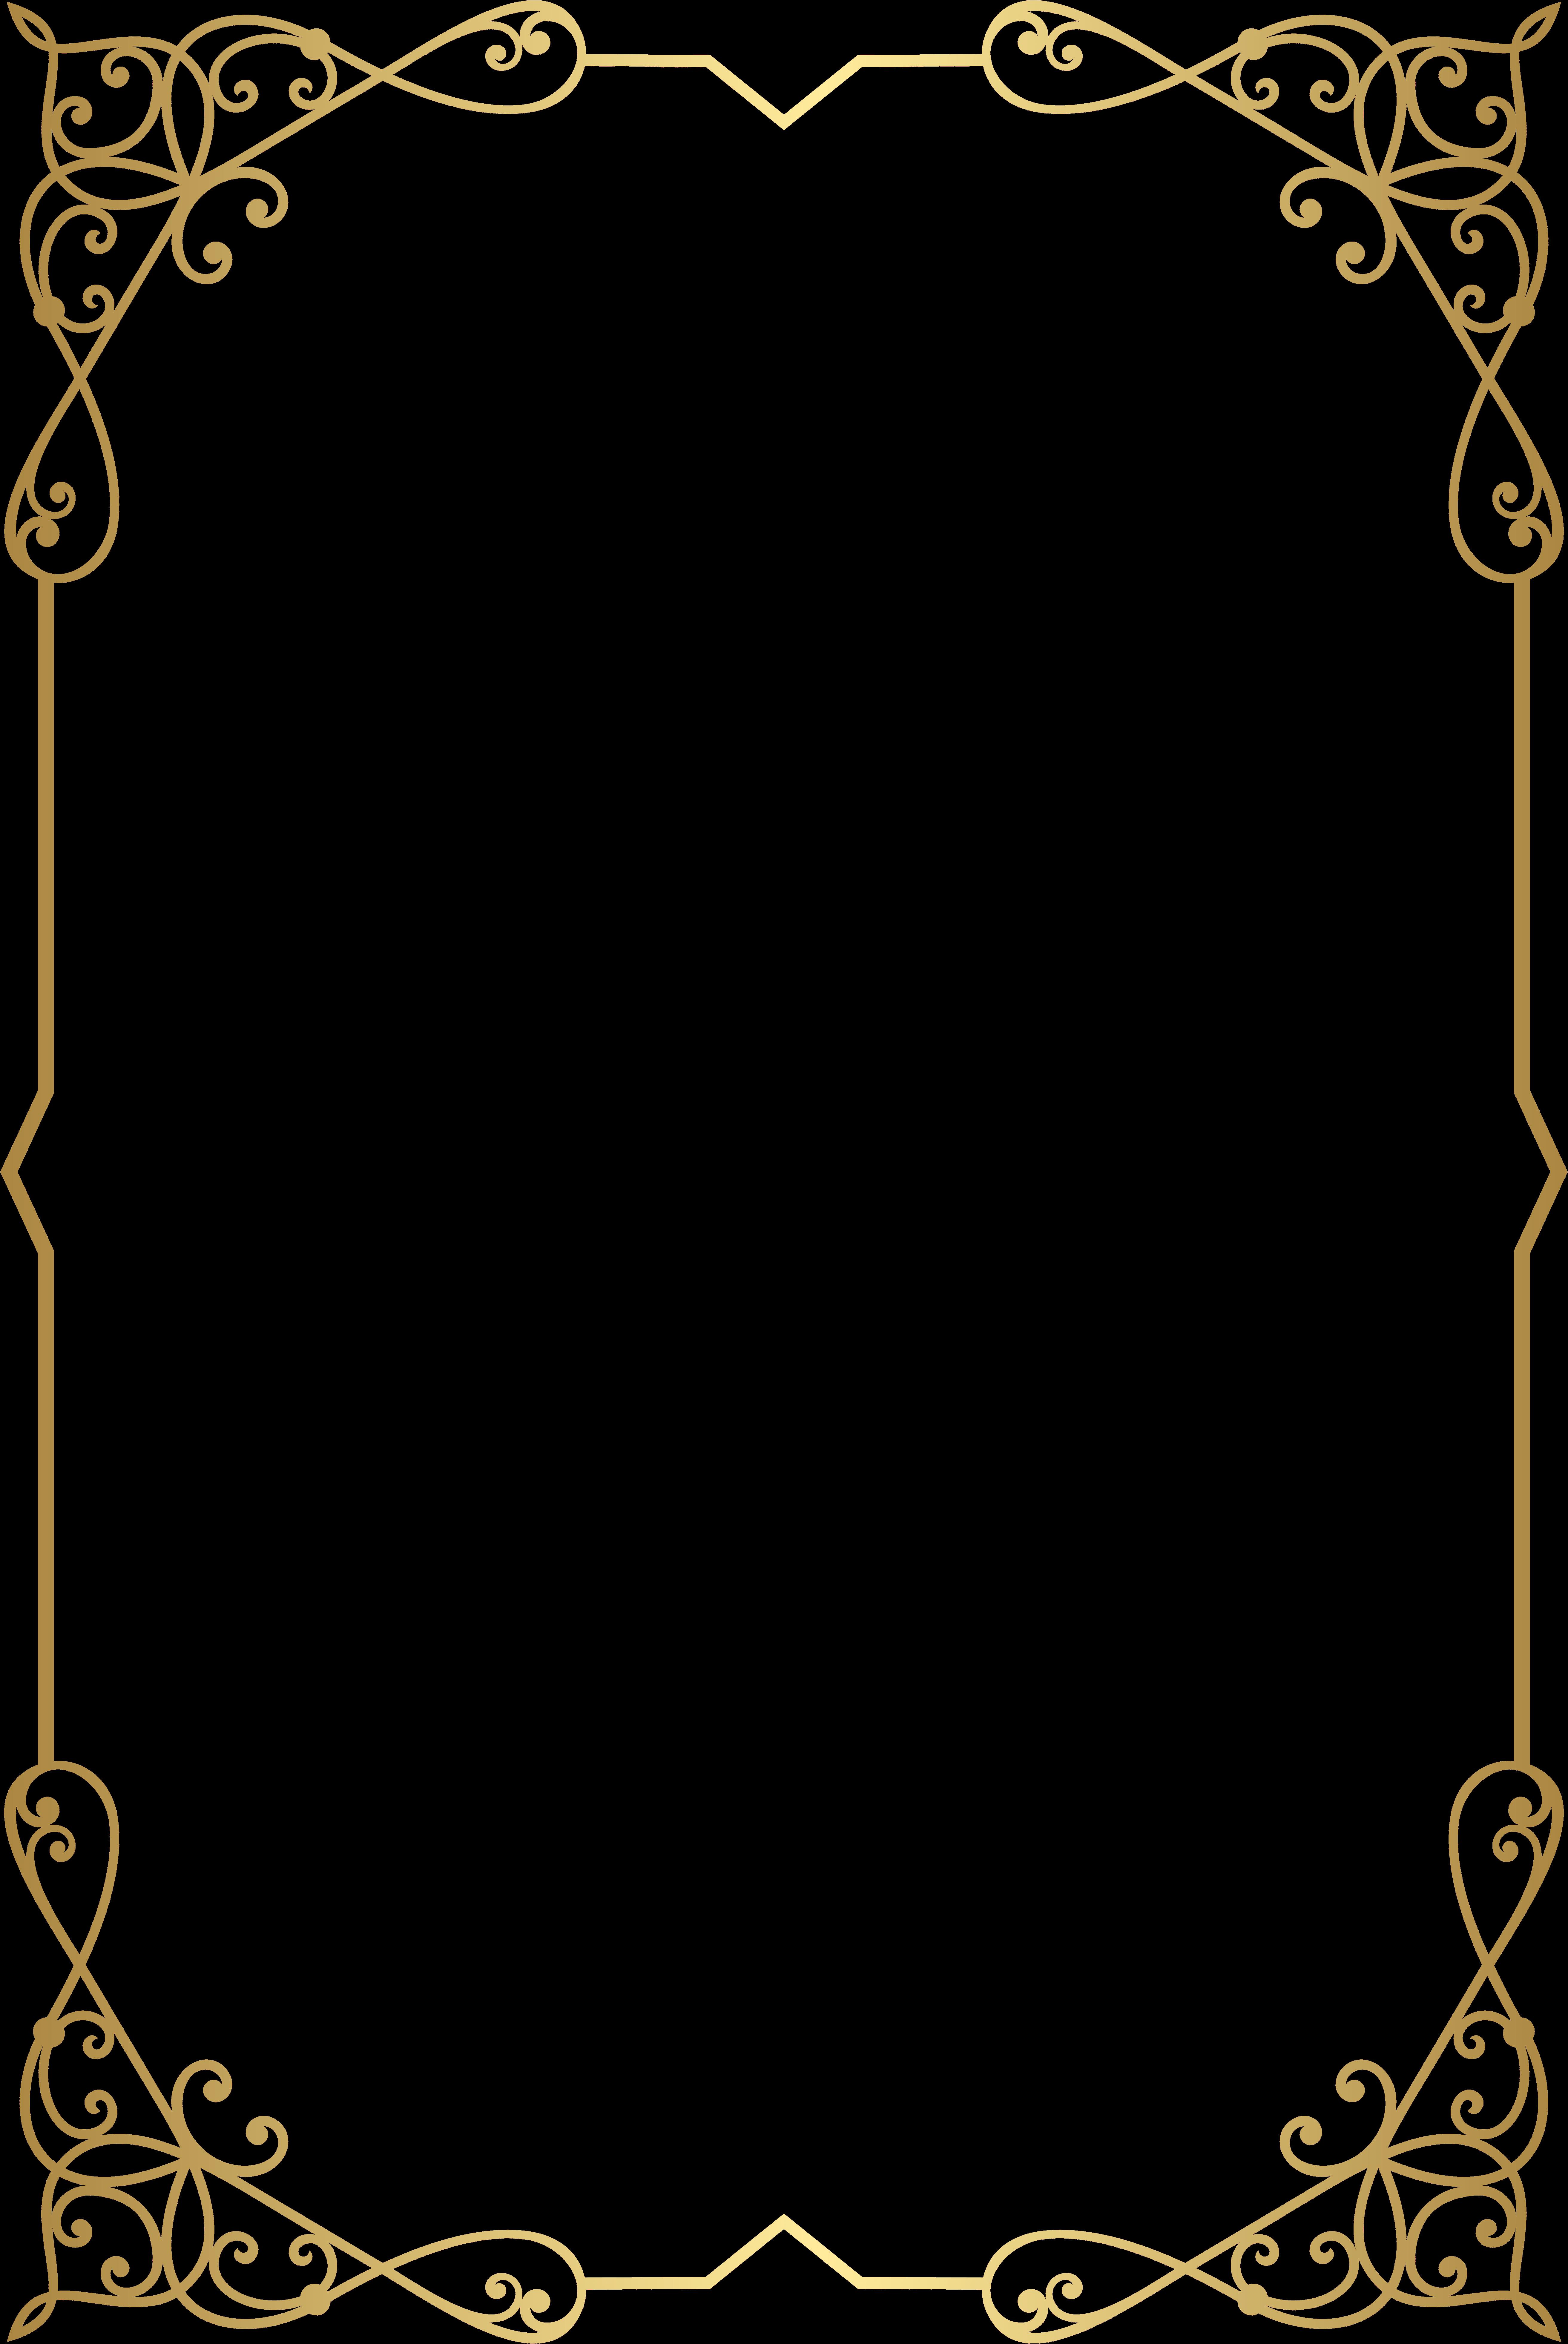 Decorative Frame Border Png Clip Art Image Gallery Fancy Gold Border Png Png Download Transparent Pn In 2021 Clip Art Frames Borders Gold Border Frame Border Design